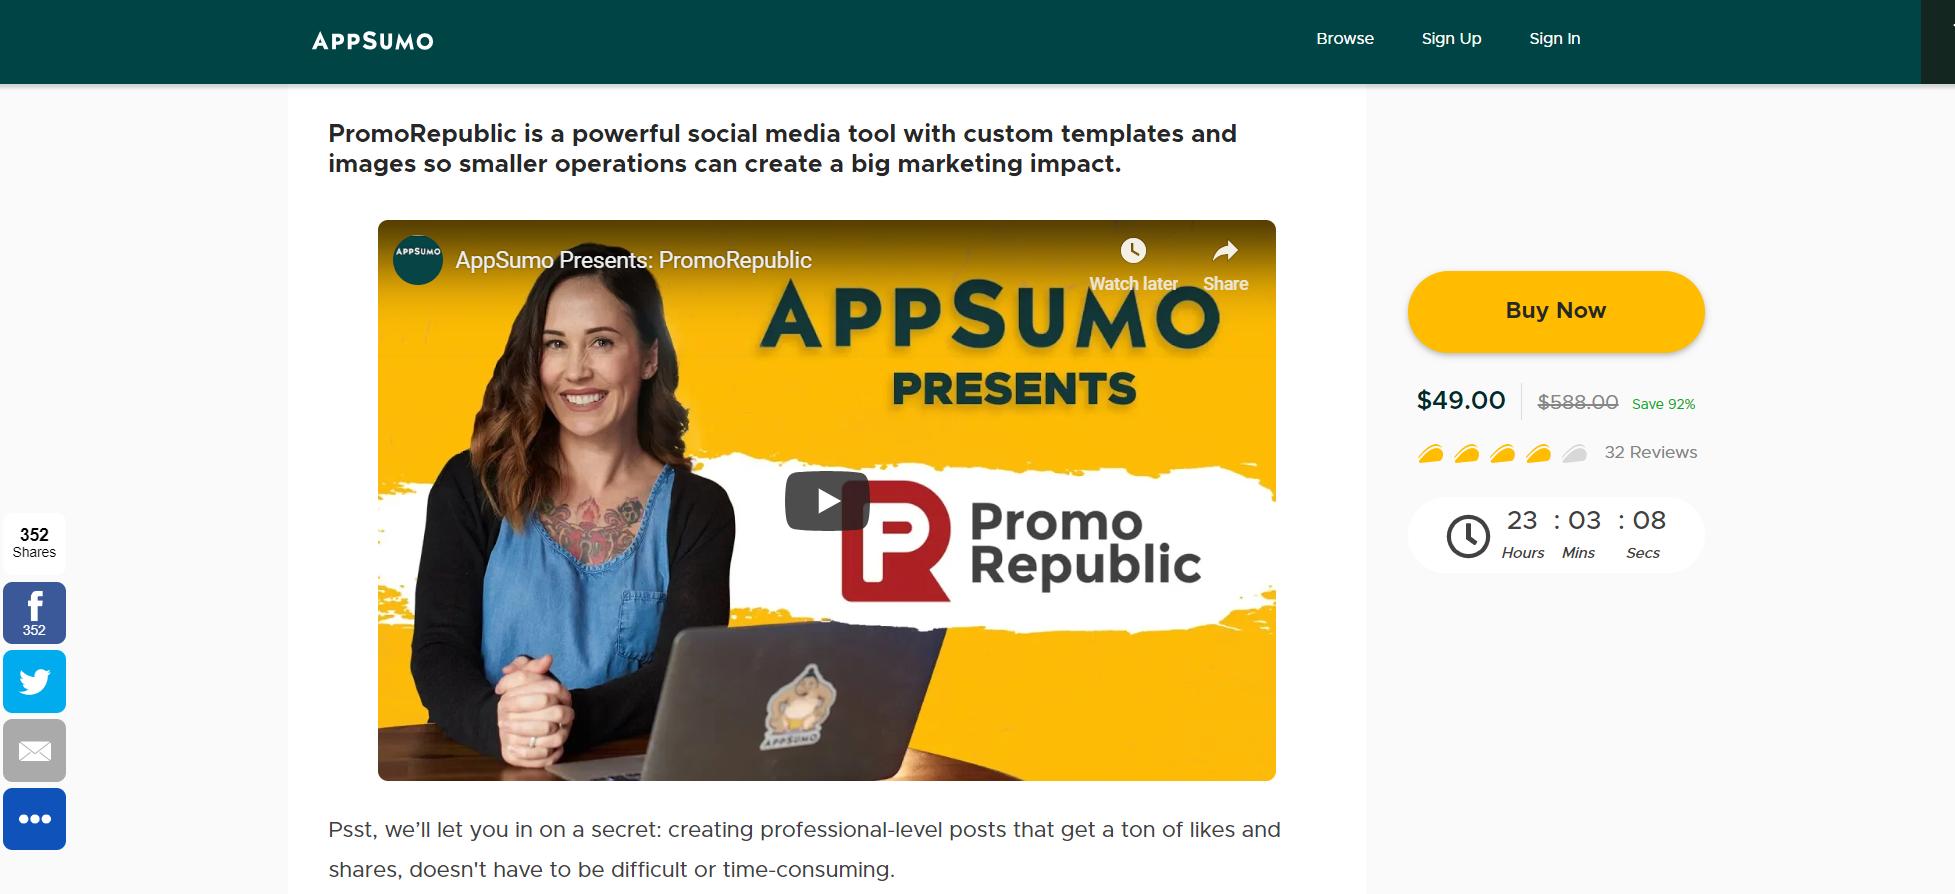 AppSumo presents PromoRepublic